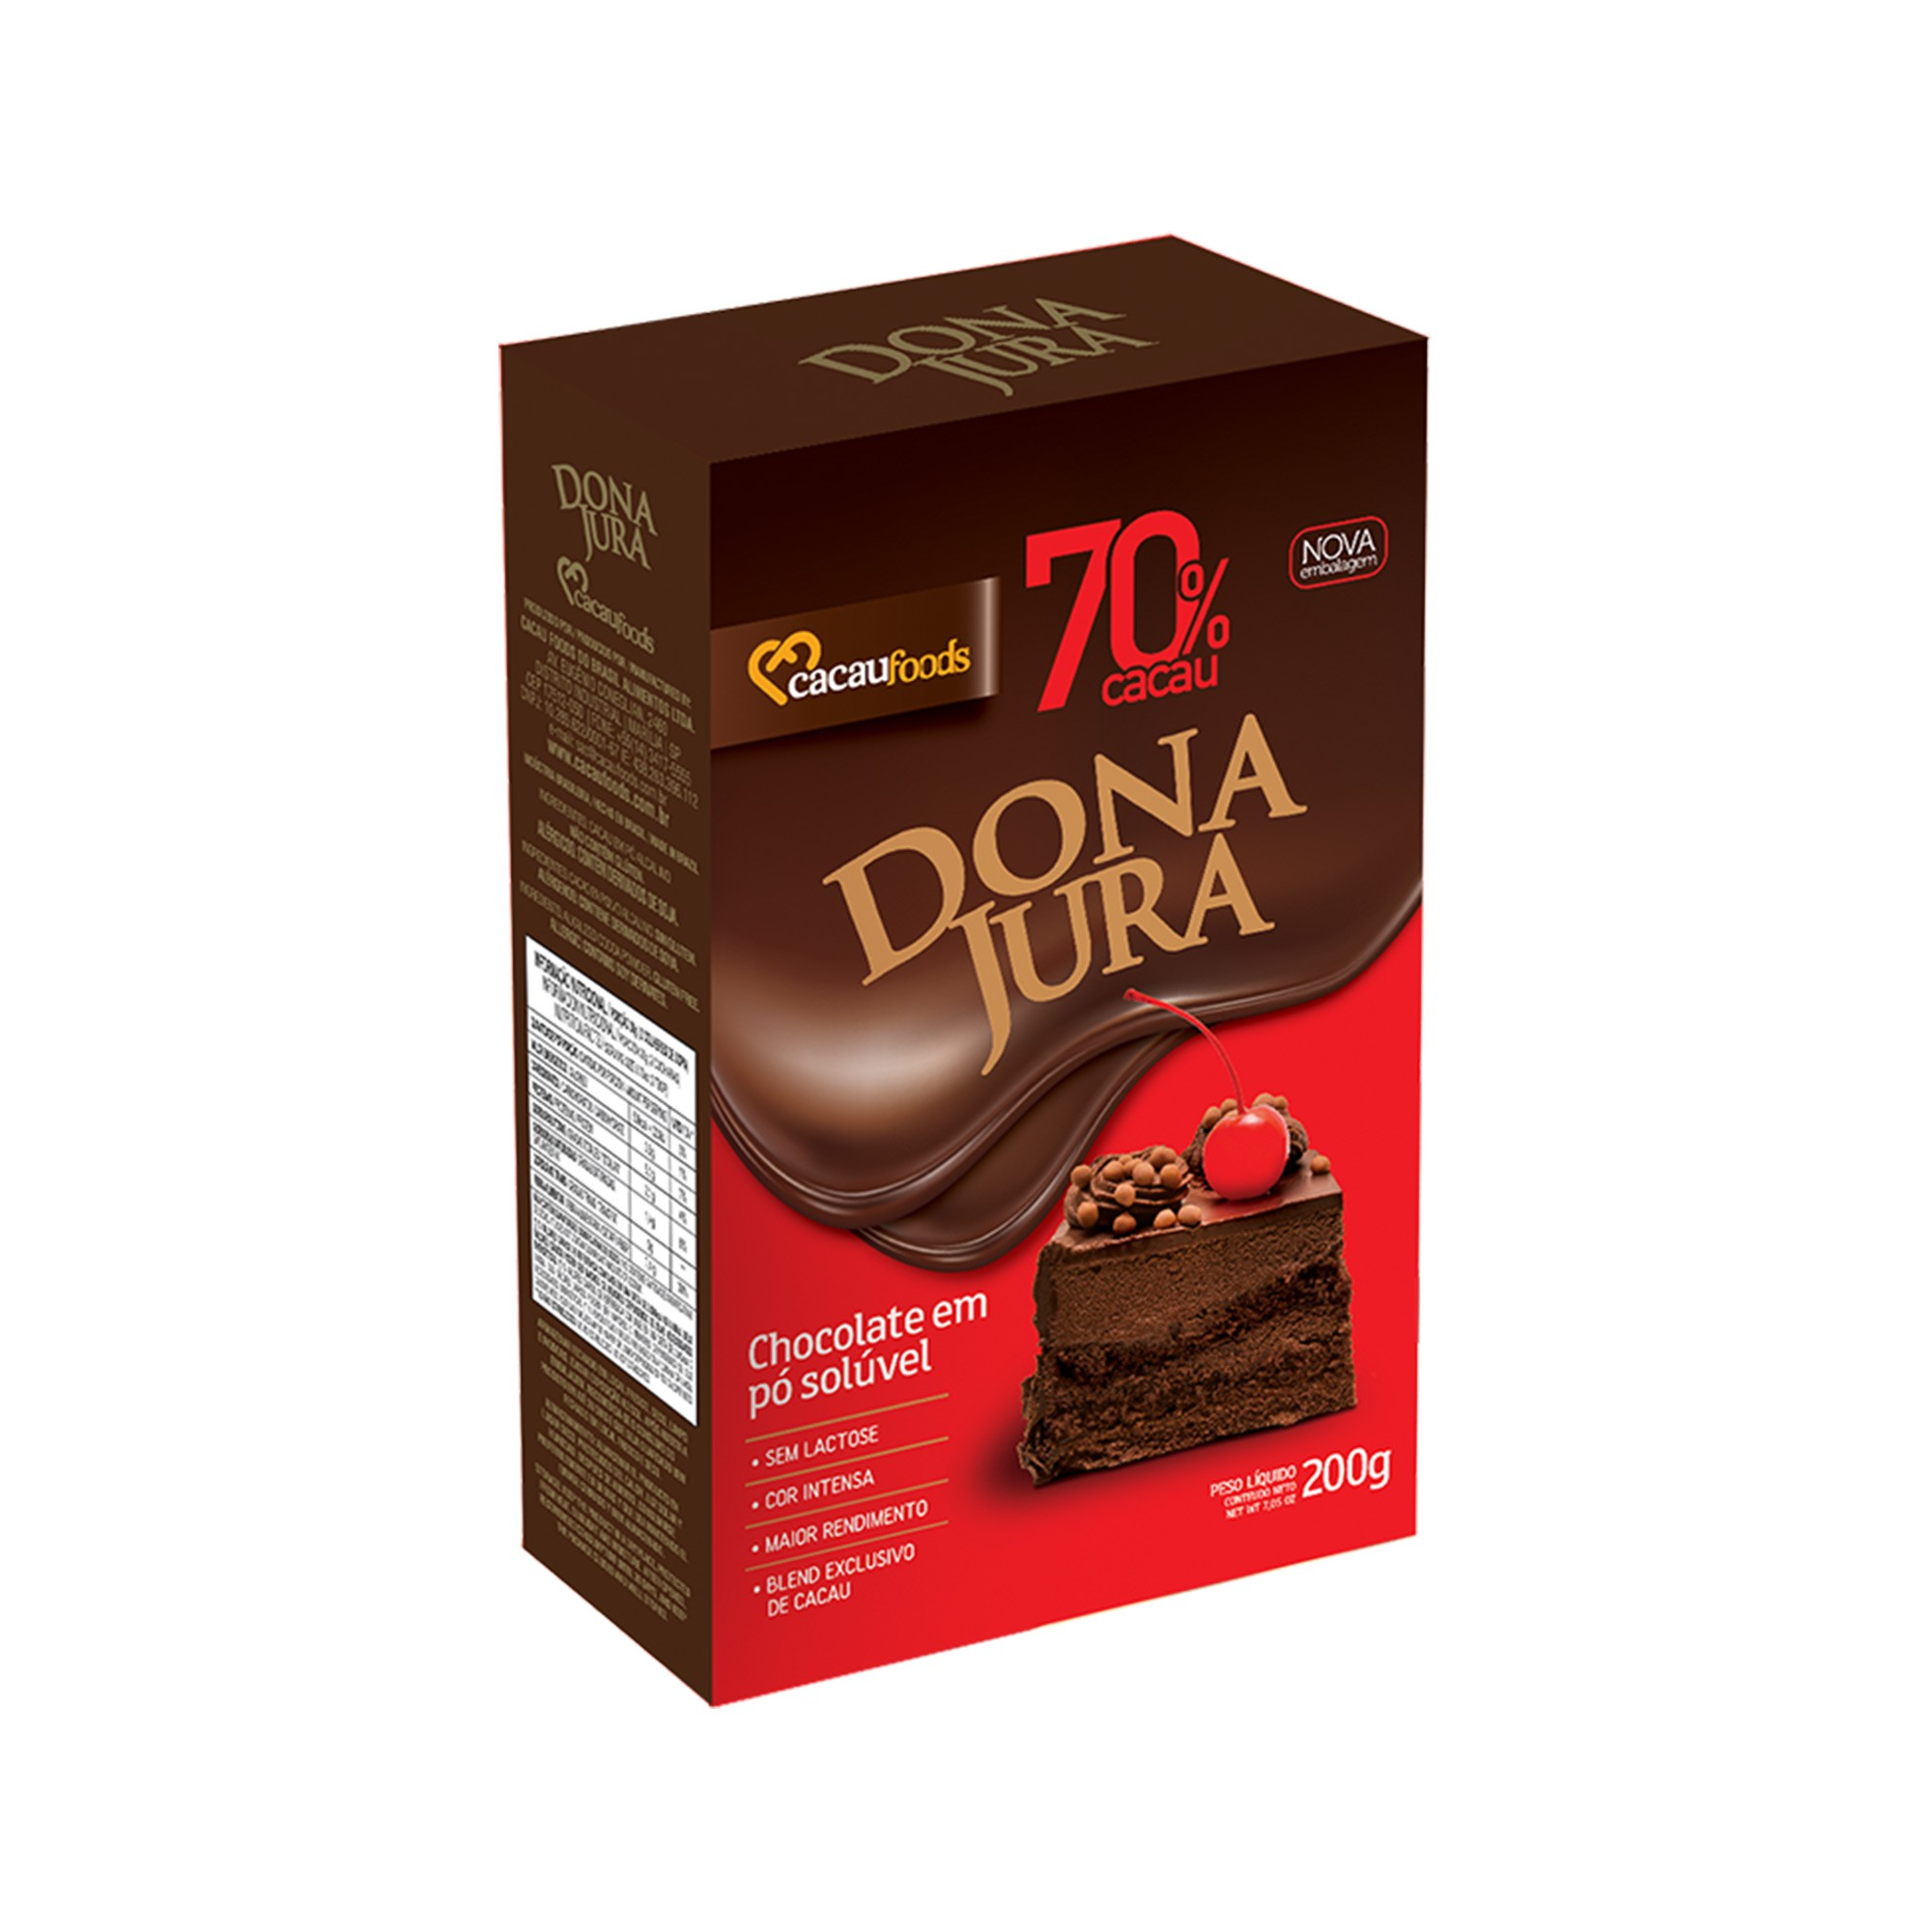 Chocolate Em Pó Solúvel 70% Cacau Dona Jura 200G